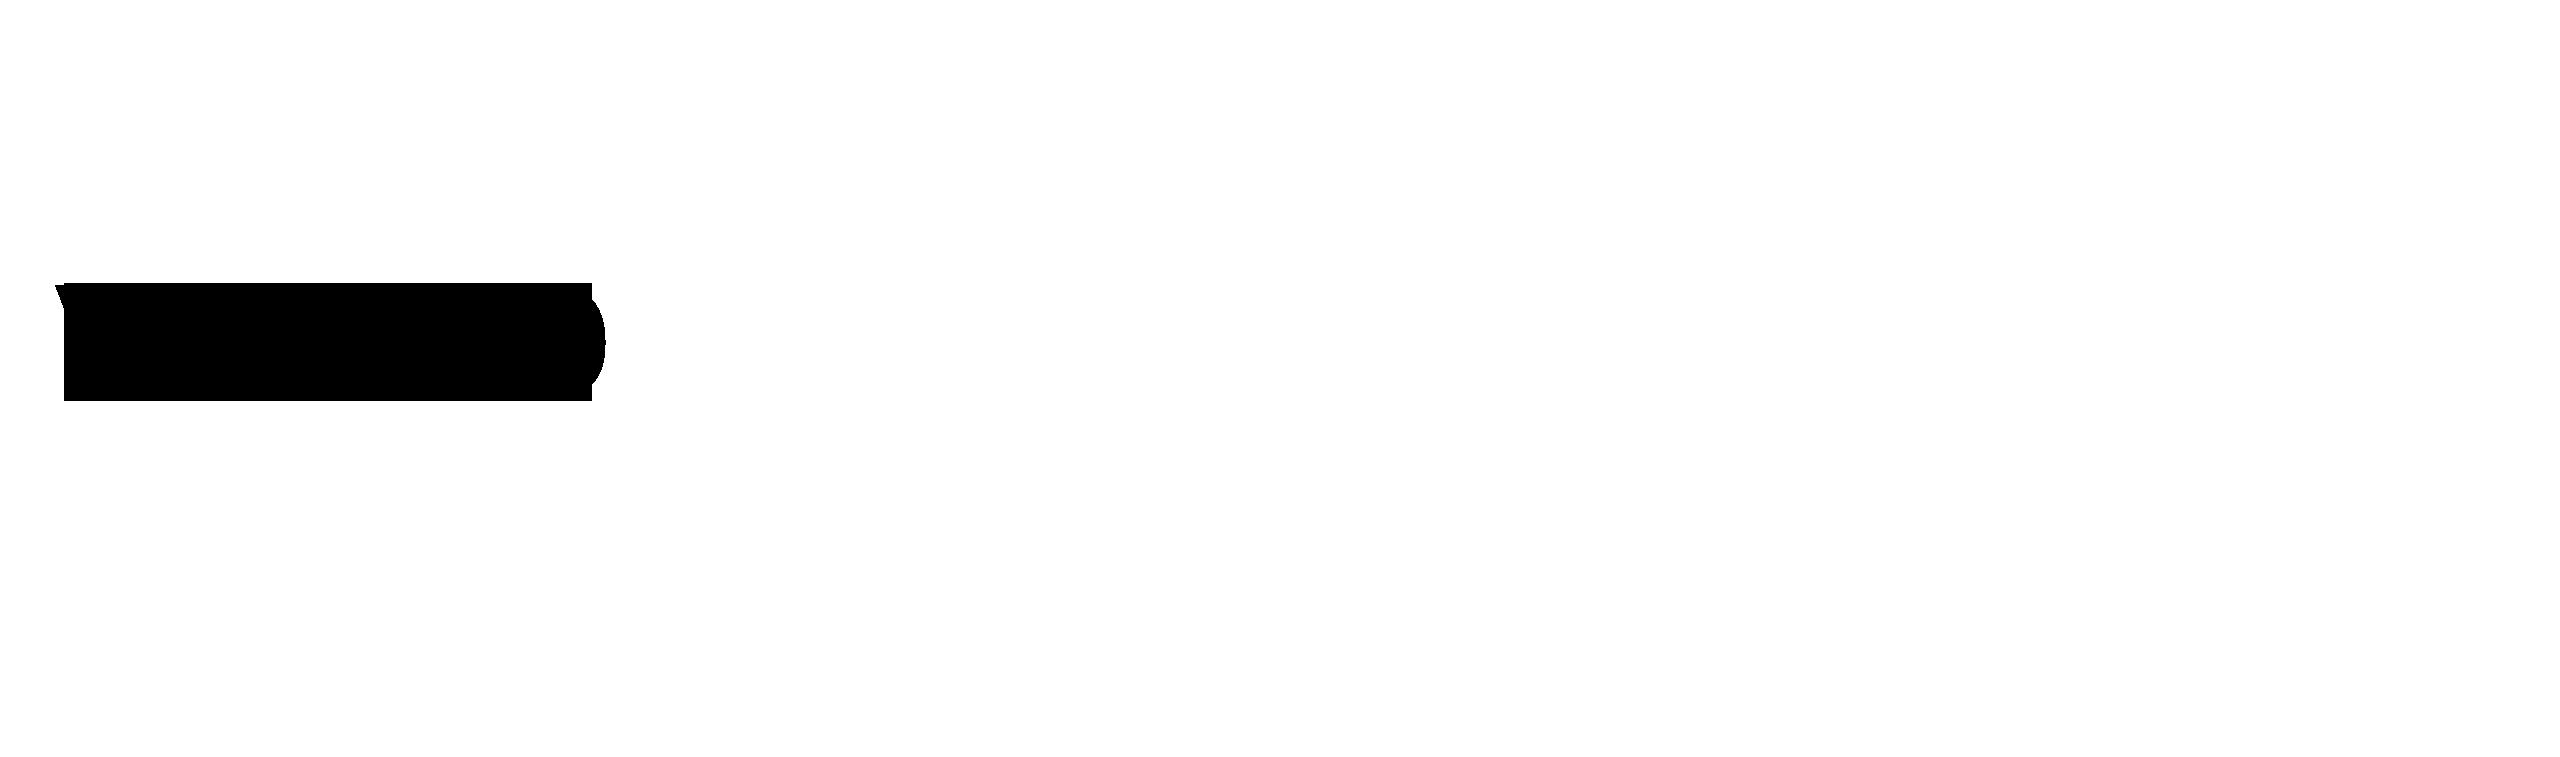 VRod 004